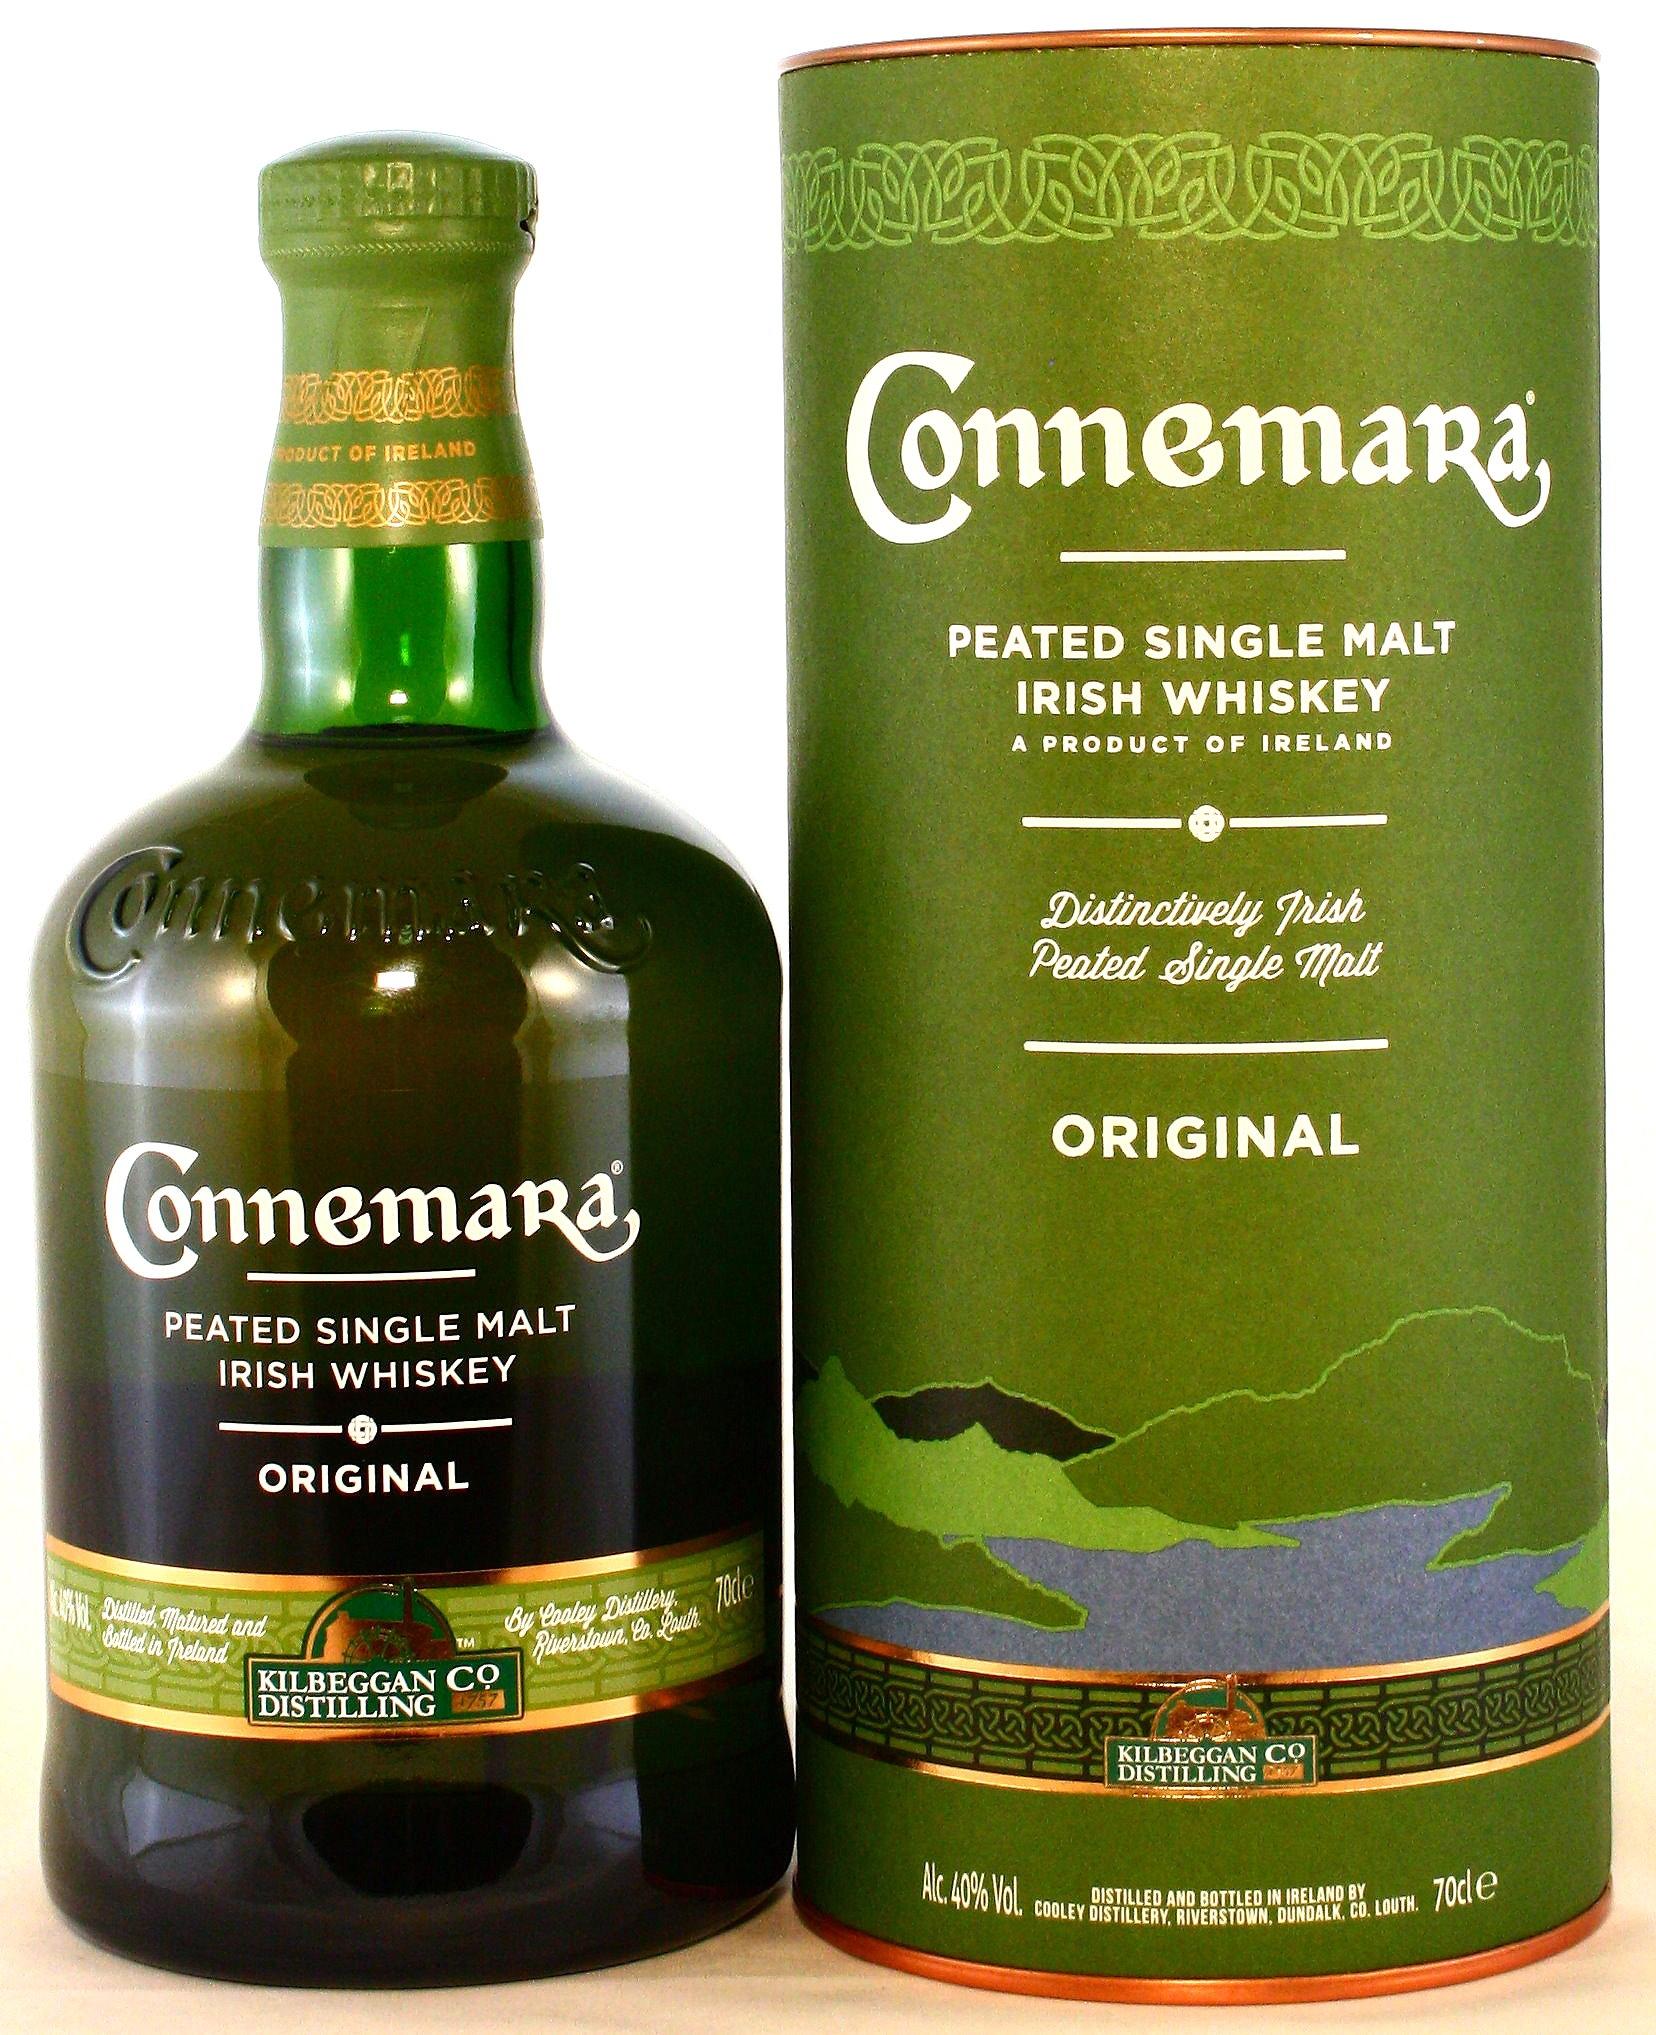 Connemara Peated Malt